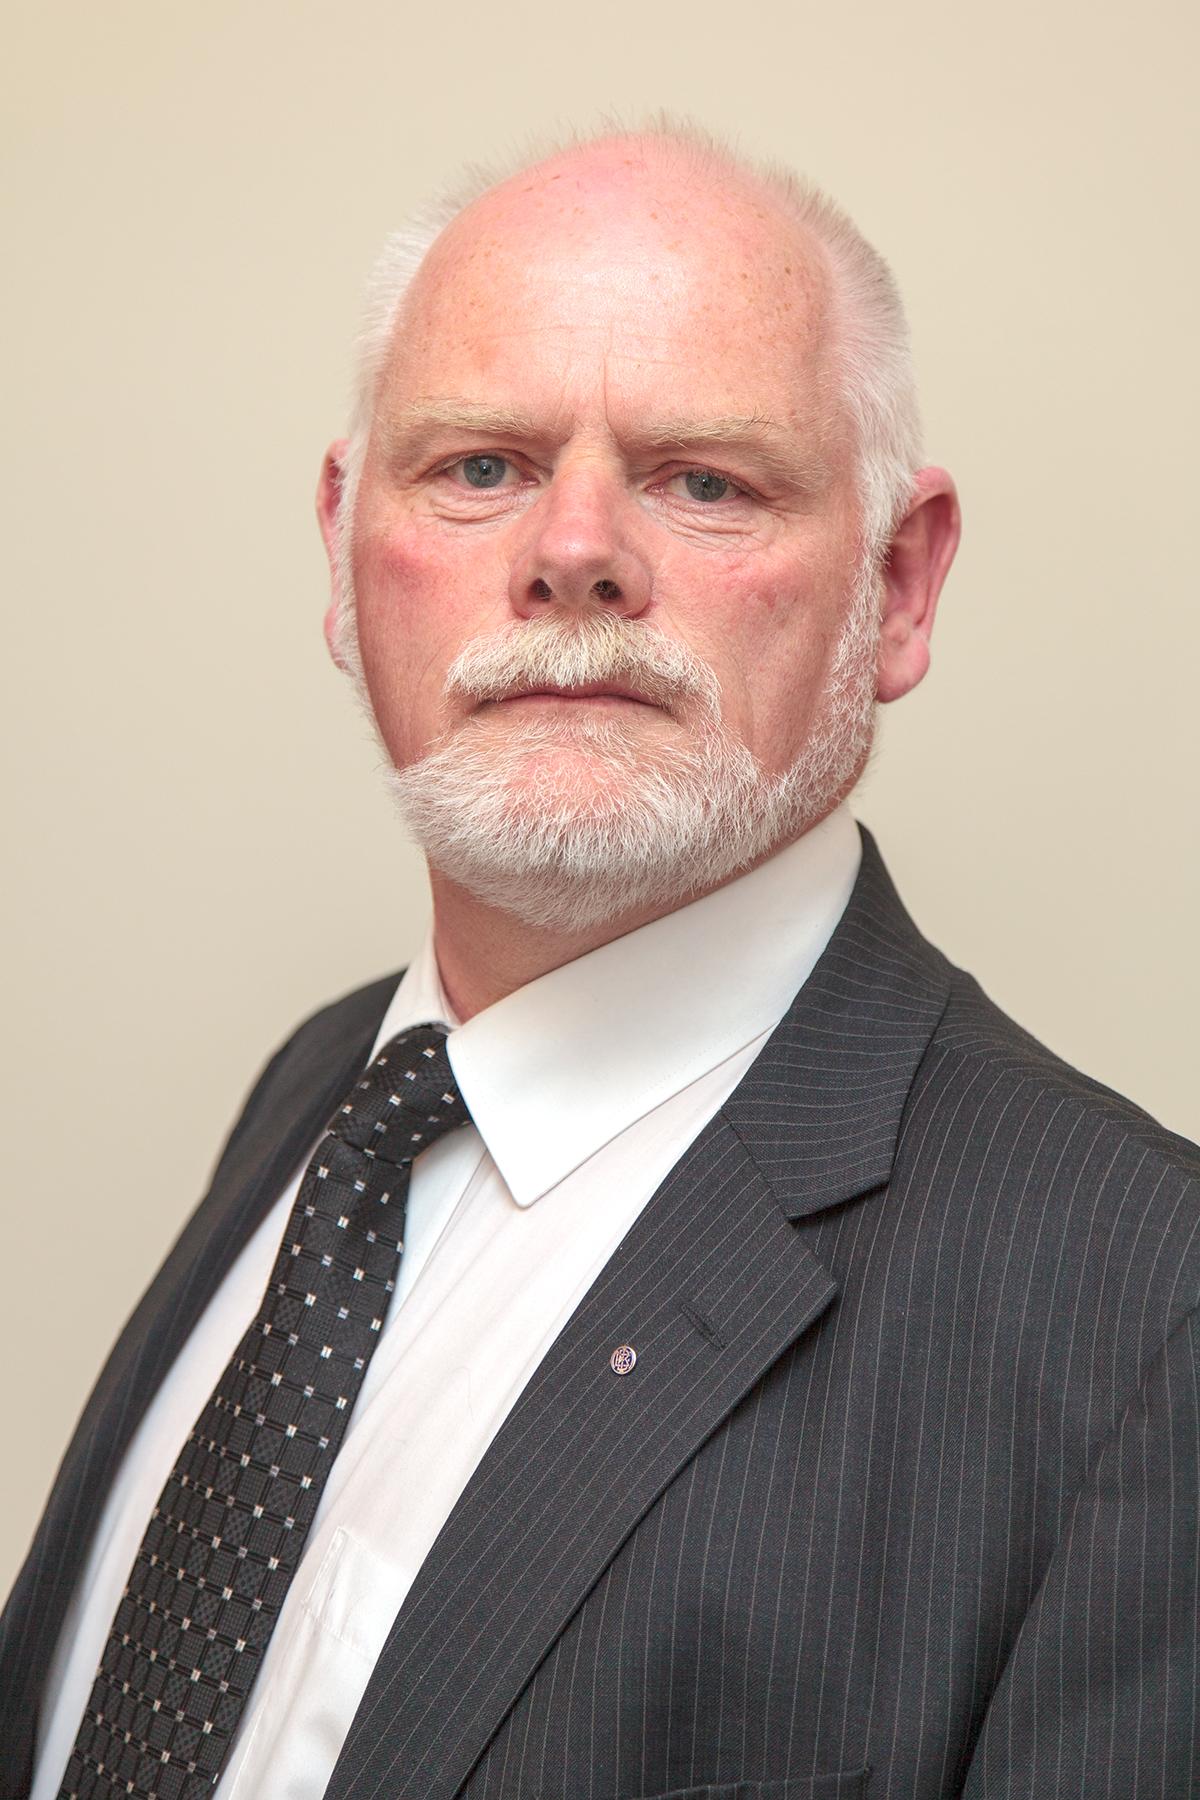 John Howarth - Founder & Senior Partner